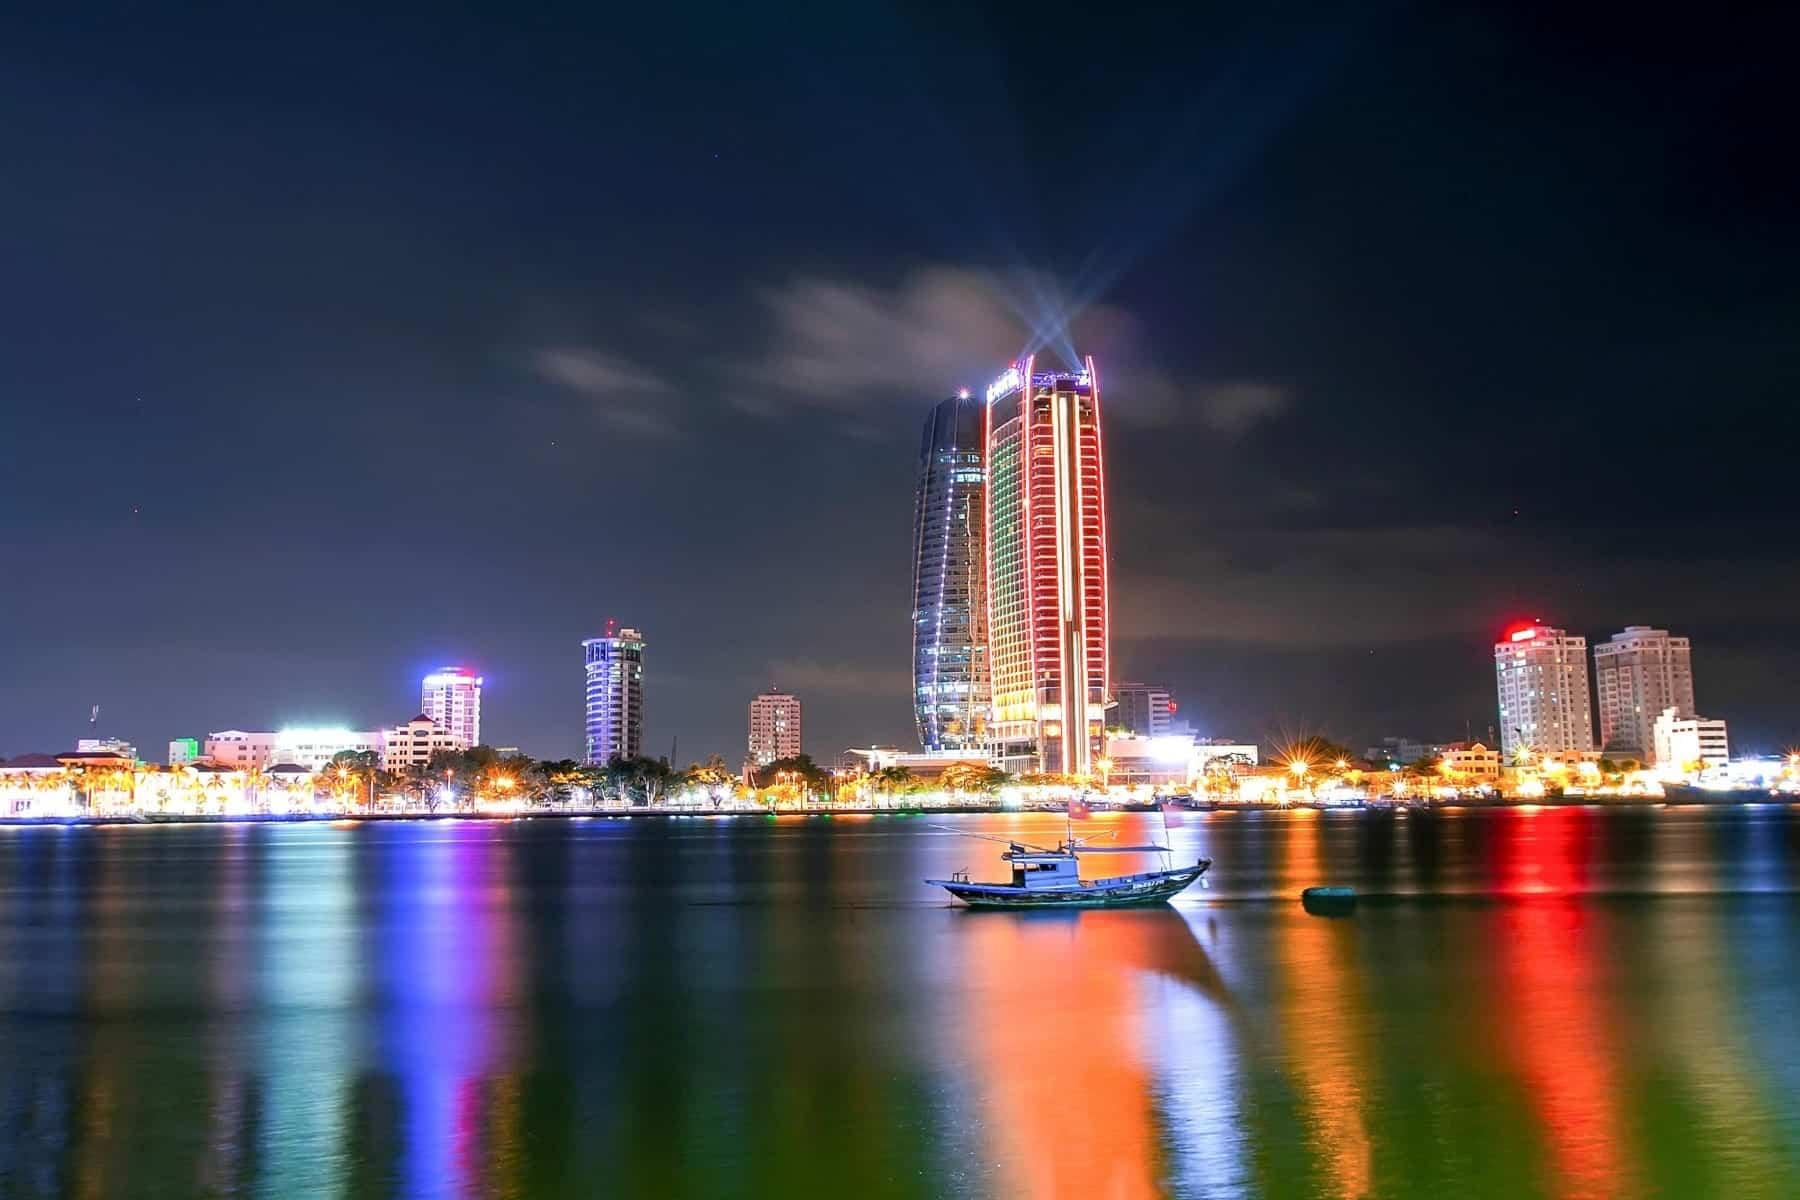 cau song han da nang 3 min 1 - Review Cầu Sông Hàn Đà Nẵng: Thời Gian Quay, Cách Đi Đến